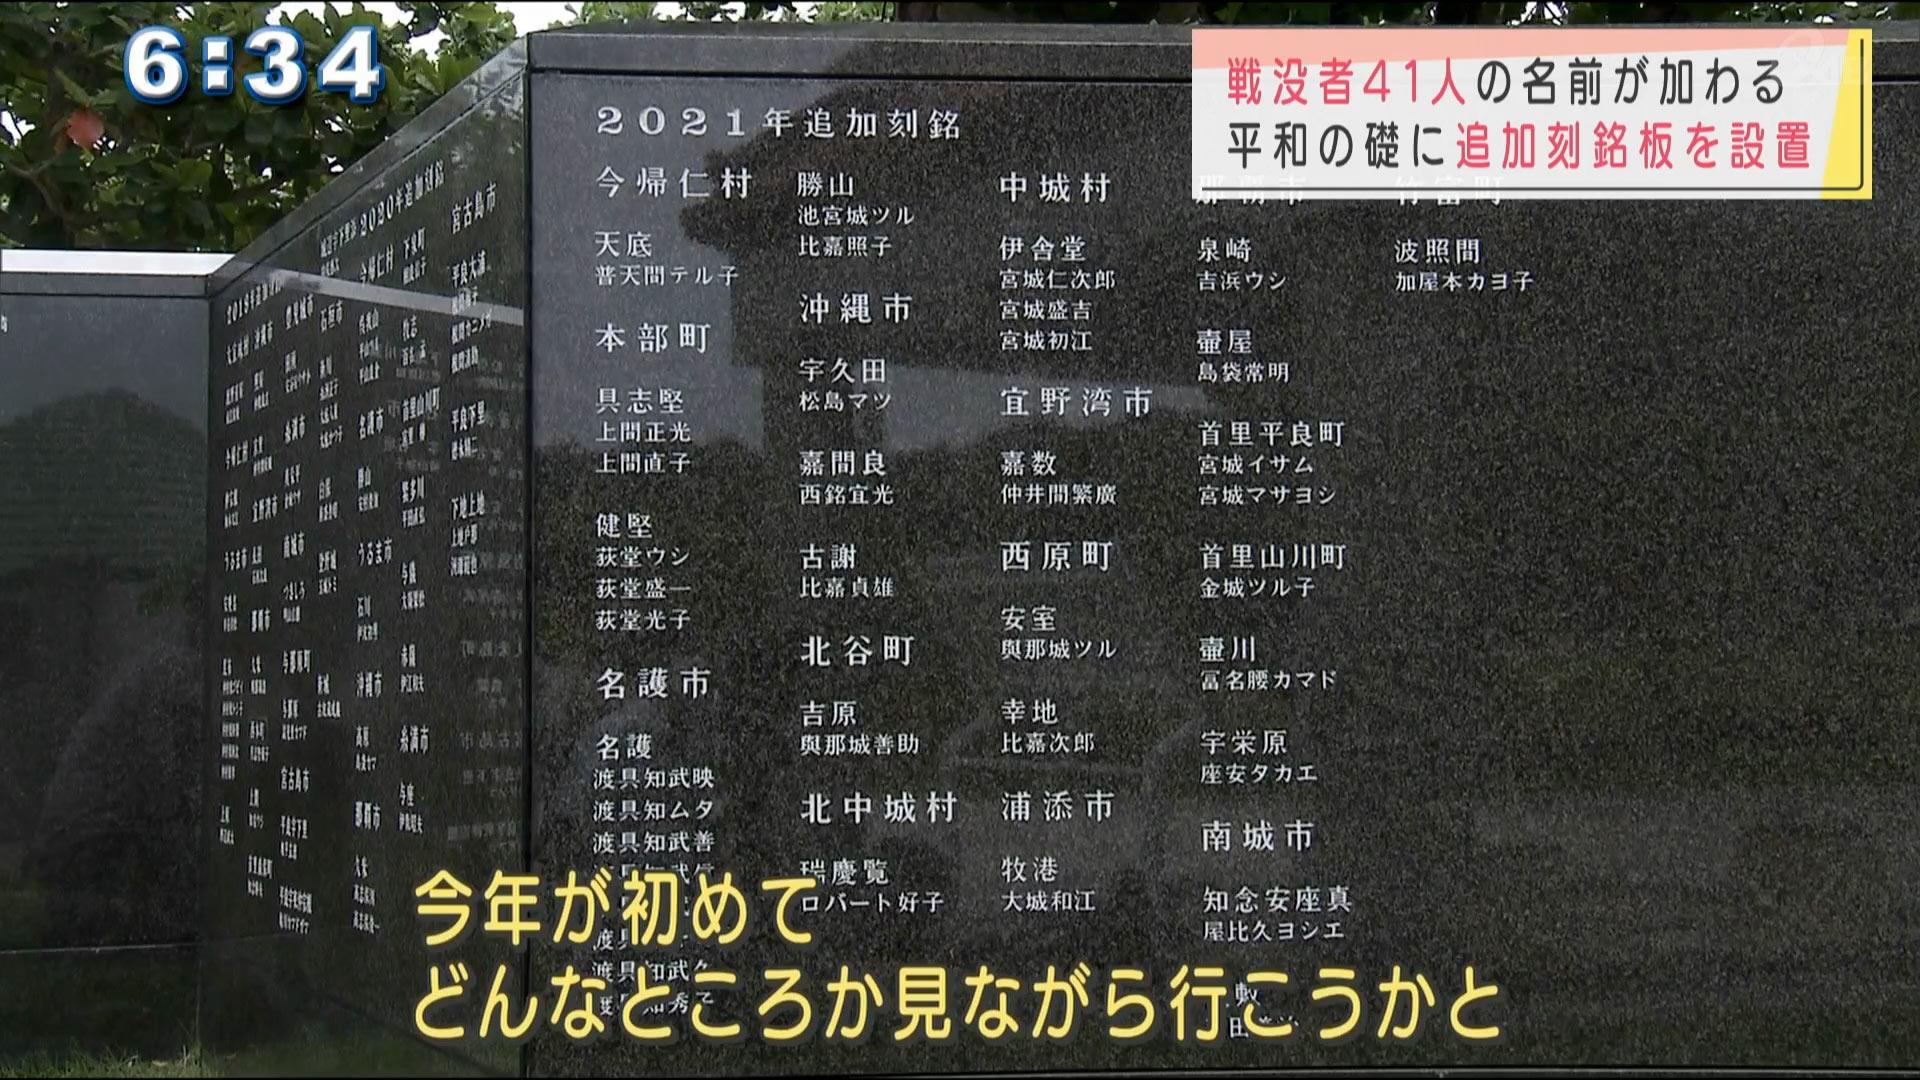 平和の礎に刻銘版を設置 2021年は41人の名前を追加